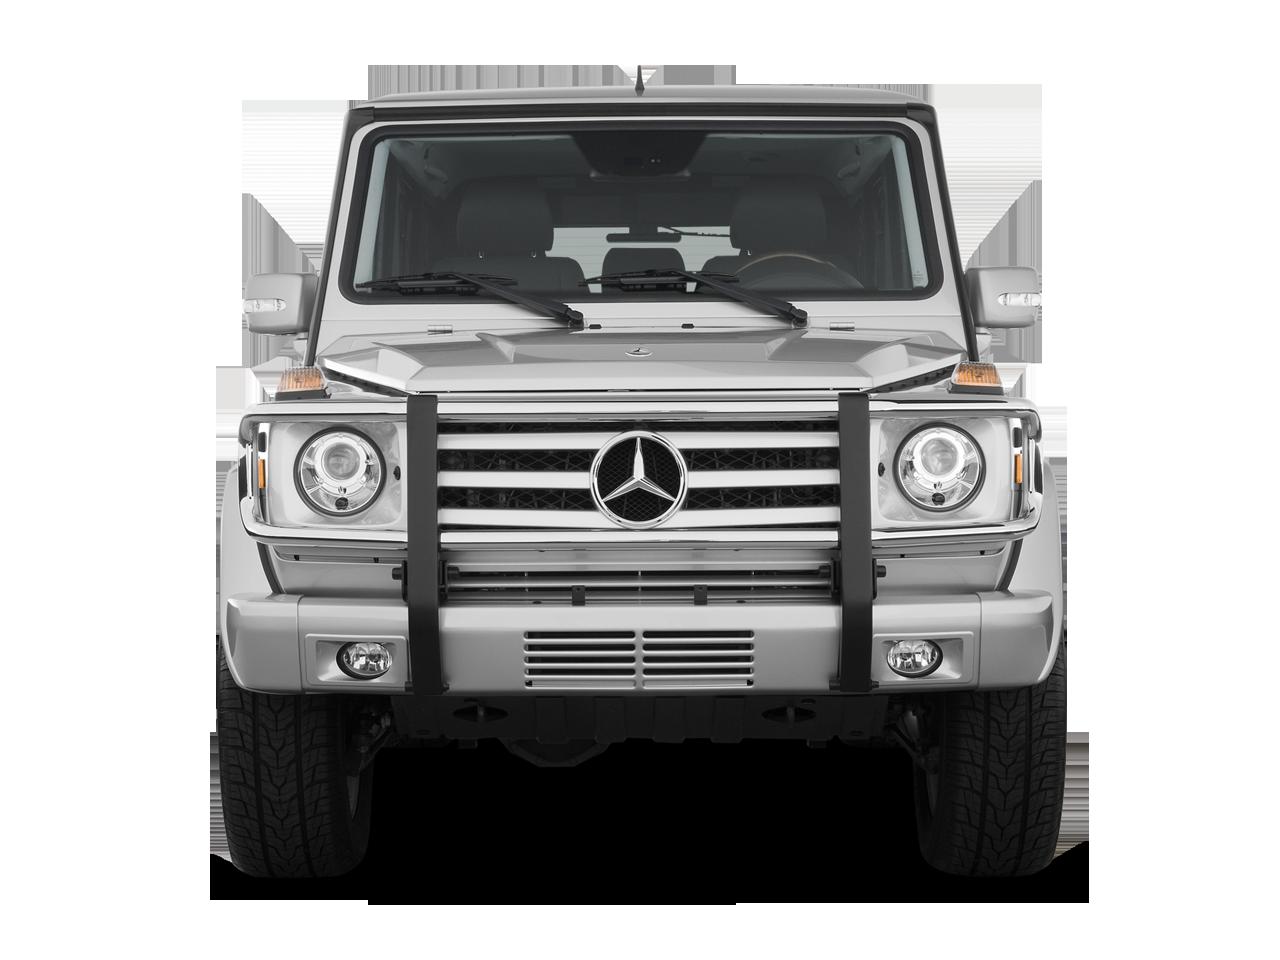 Mercedes-Benz G-klasse II (W463) Restyling 4 2015 - now SUV 5 door #3